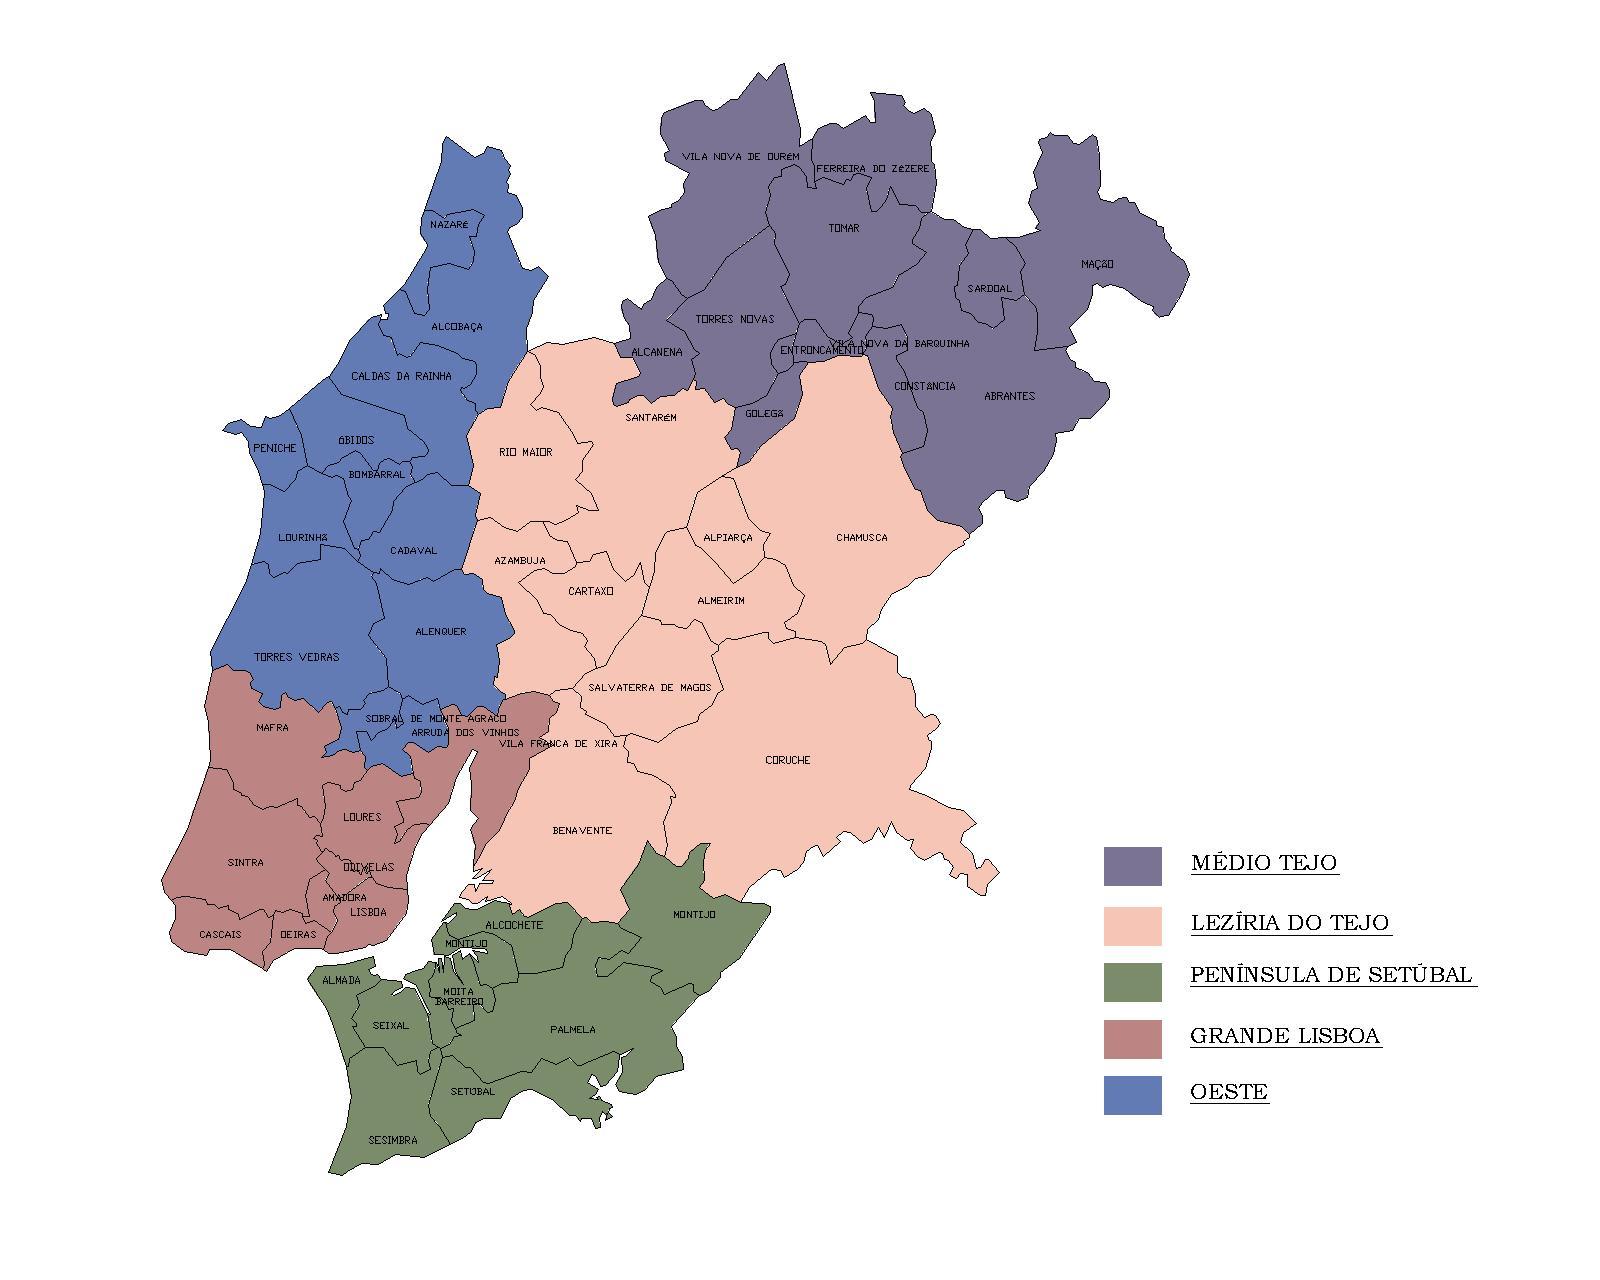 mapa da região de lisboa O António Maria: A caminho da Grécia? mapa da região de lisboa